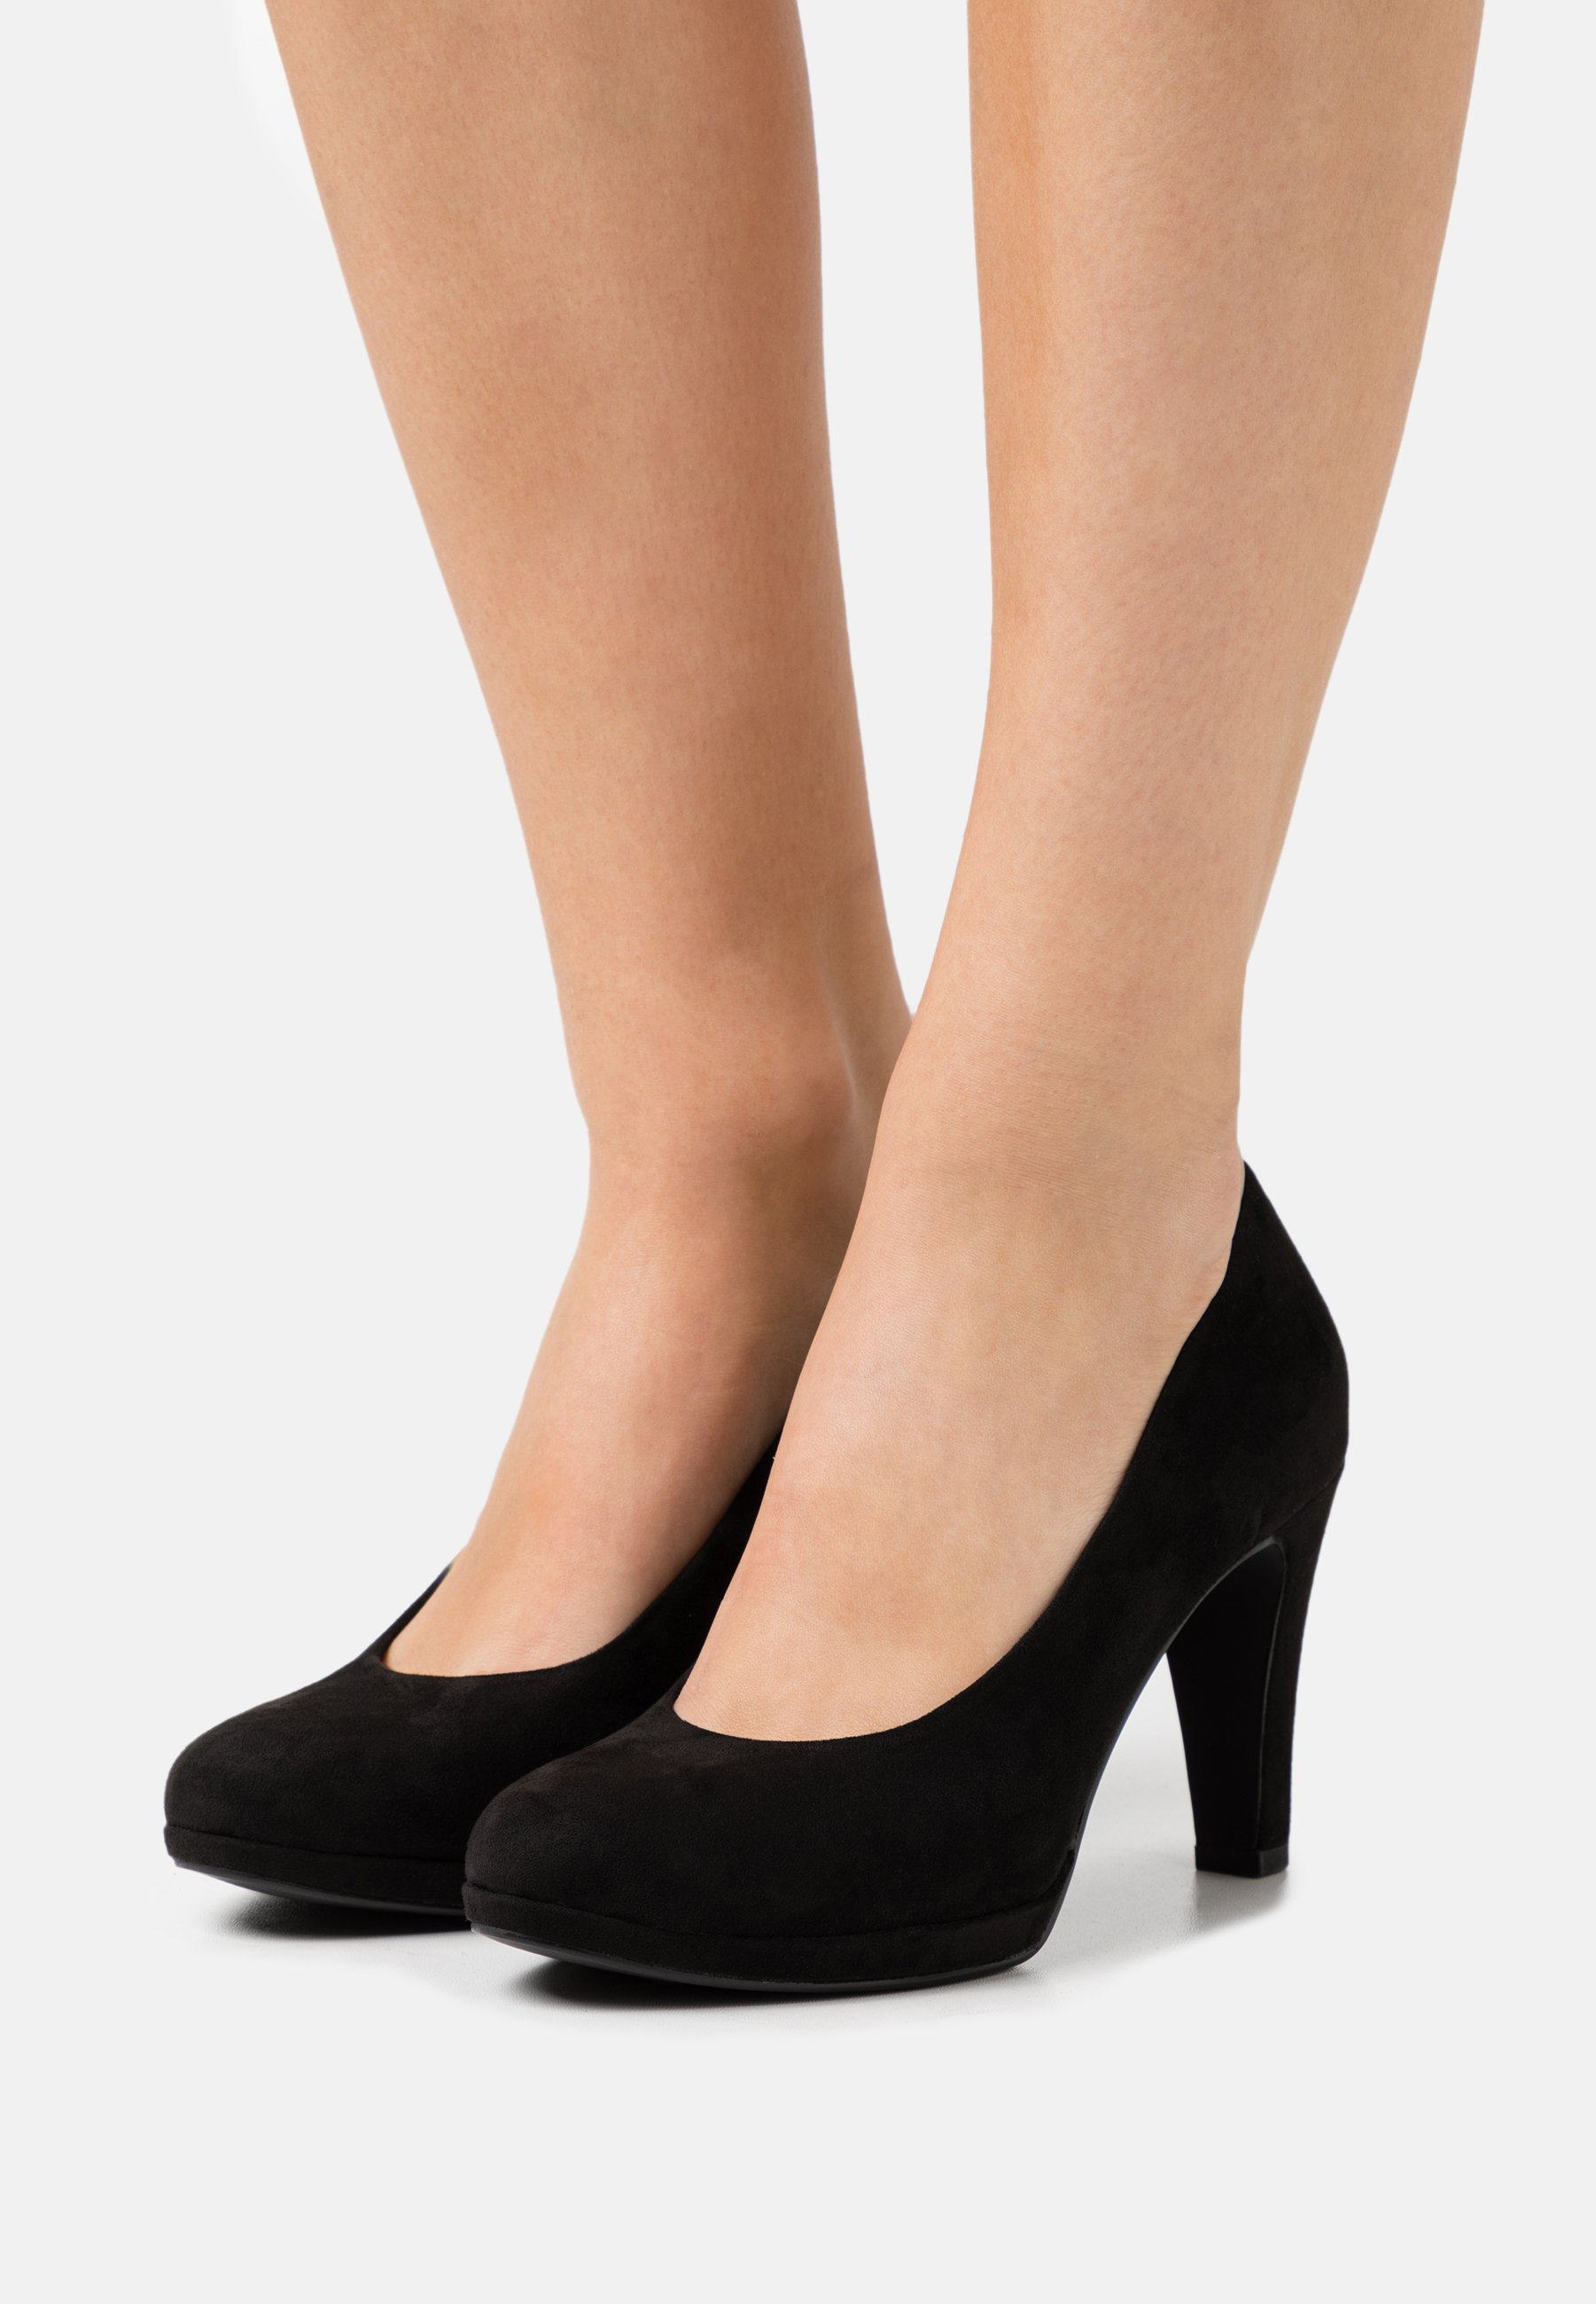 Femme COURT SHOE - Escarpins à talons hauts